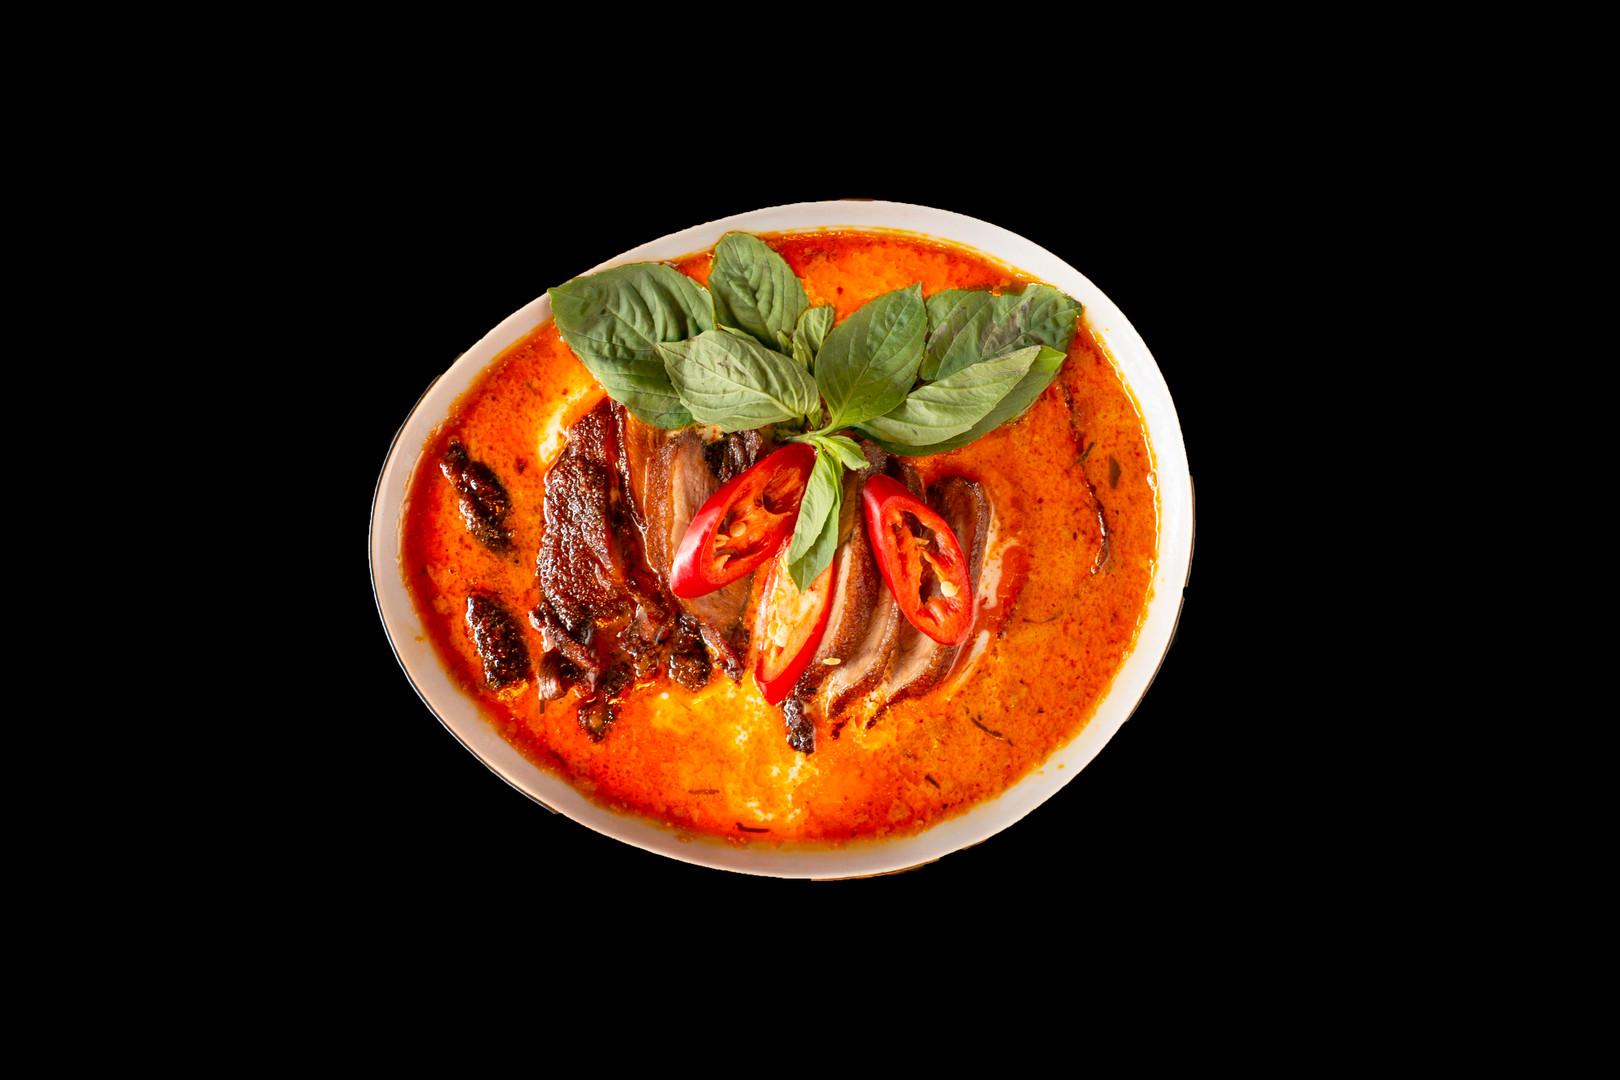 Thaitique Dish 1